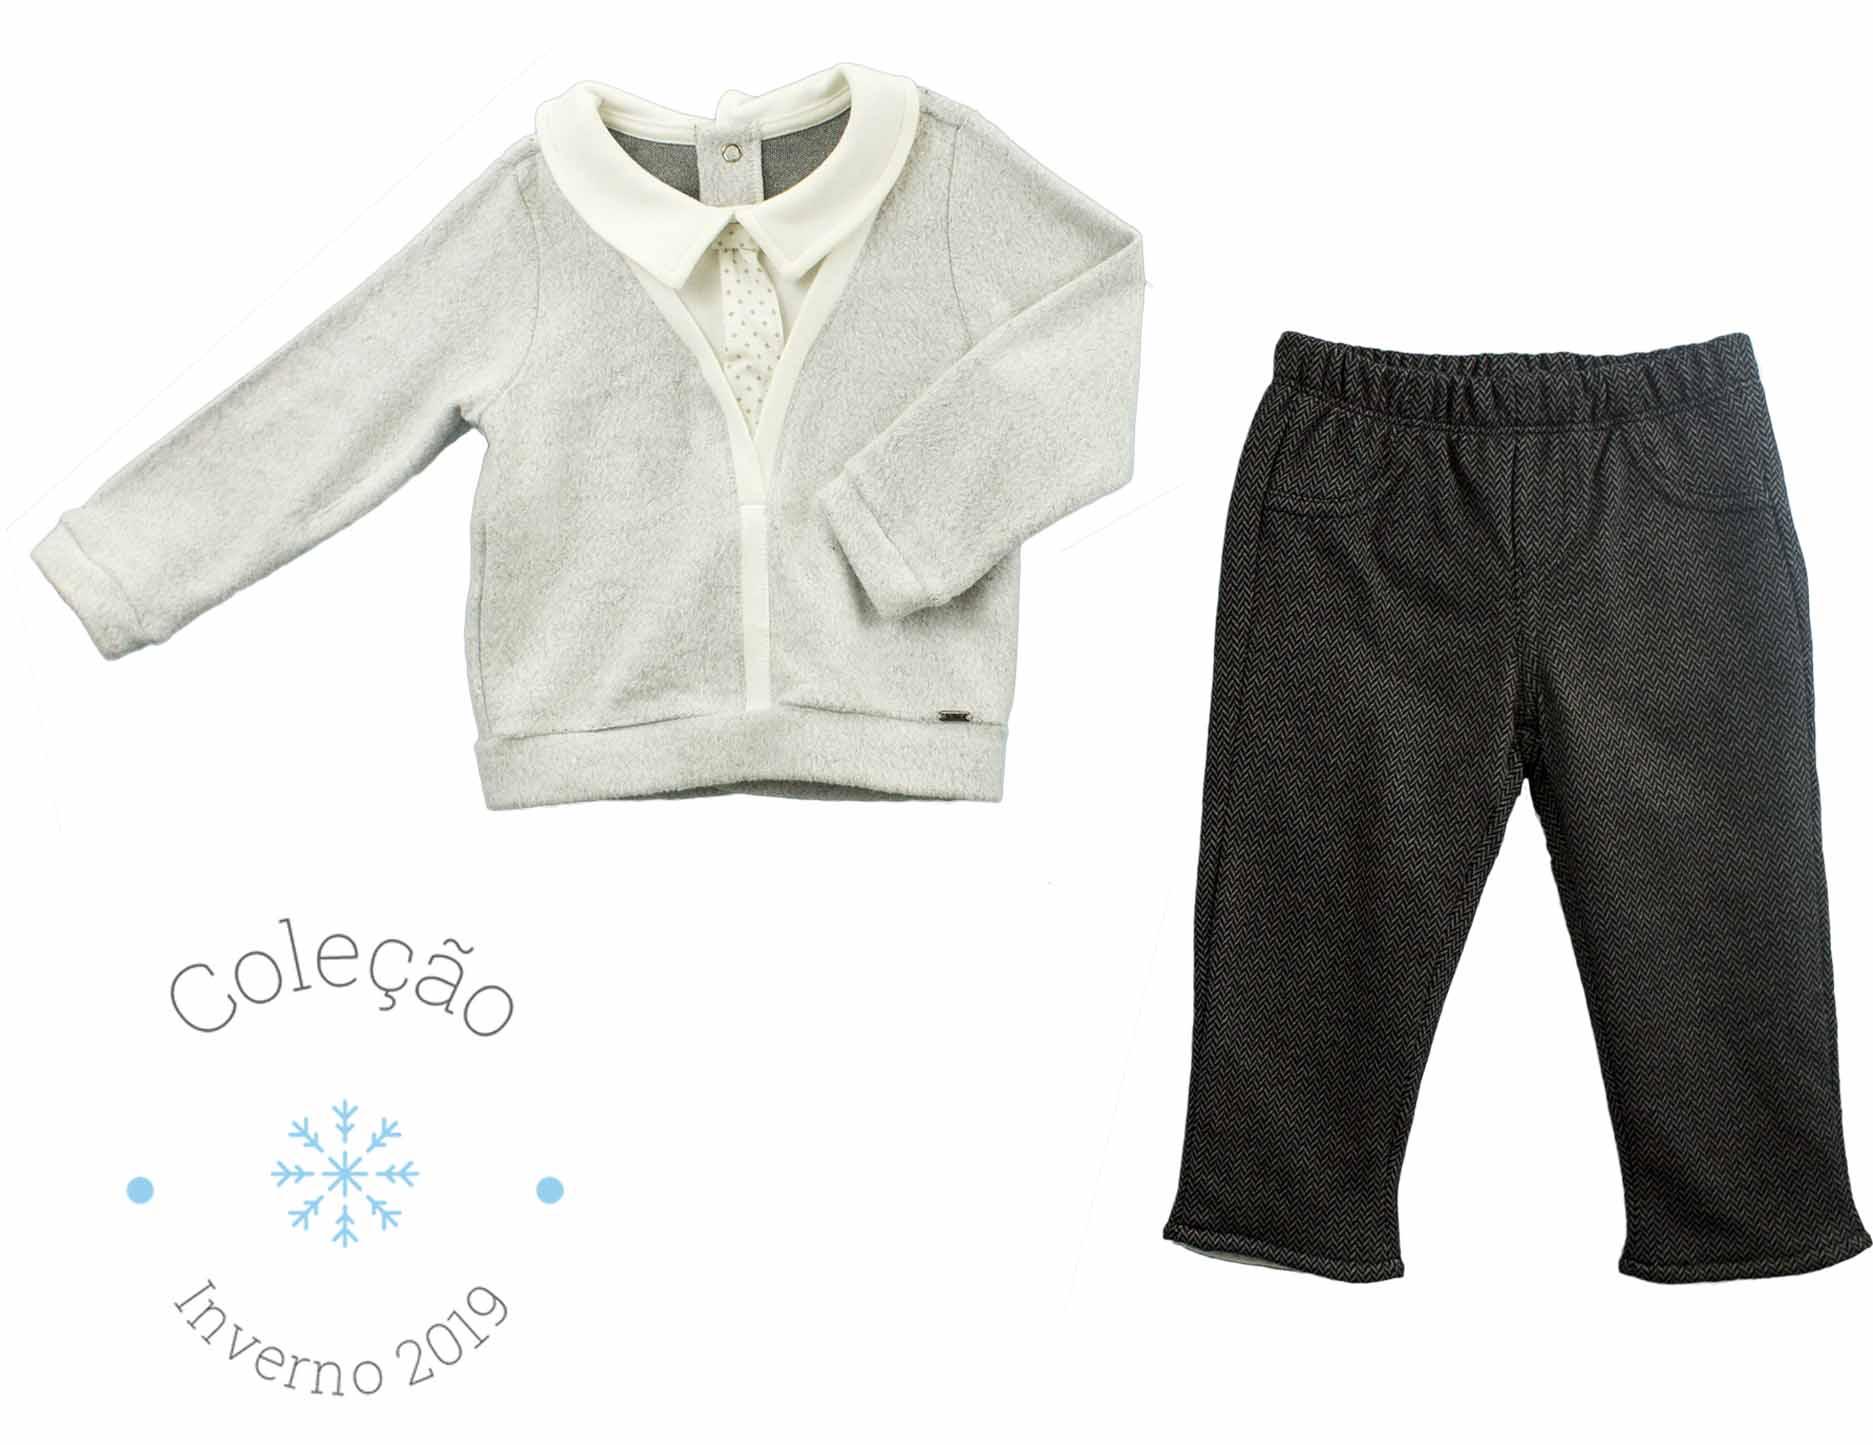 Conjunto Masculino Casaco Com Falsa Camisa Fleece + Calça